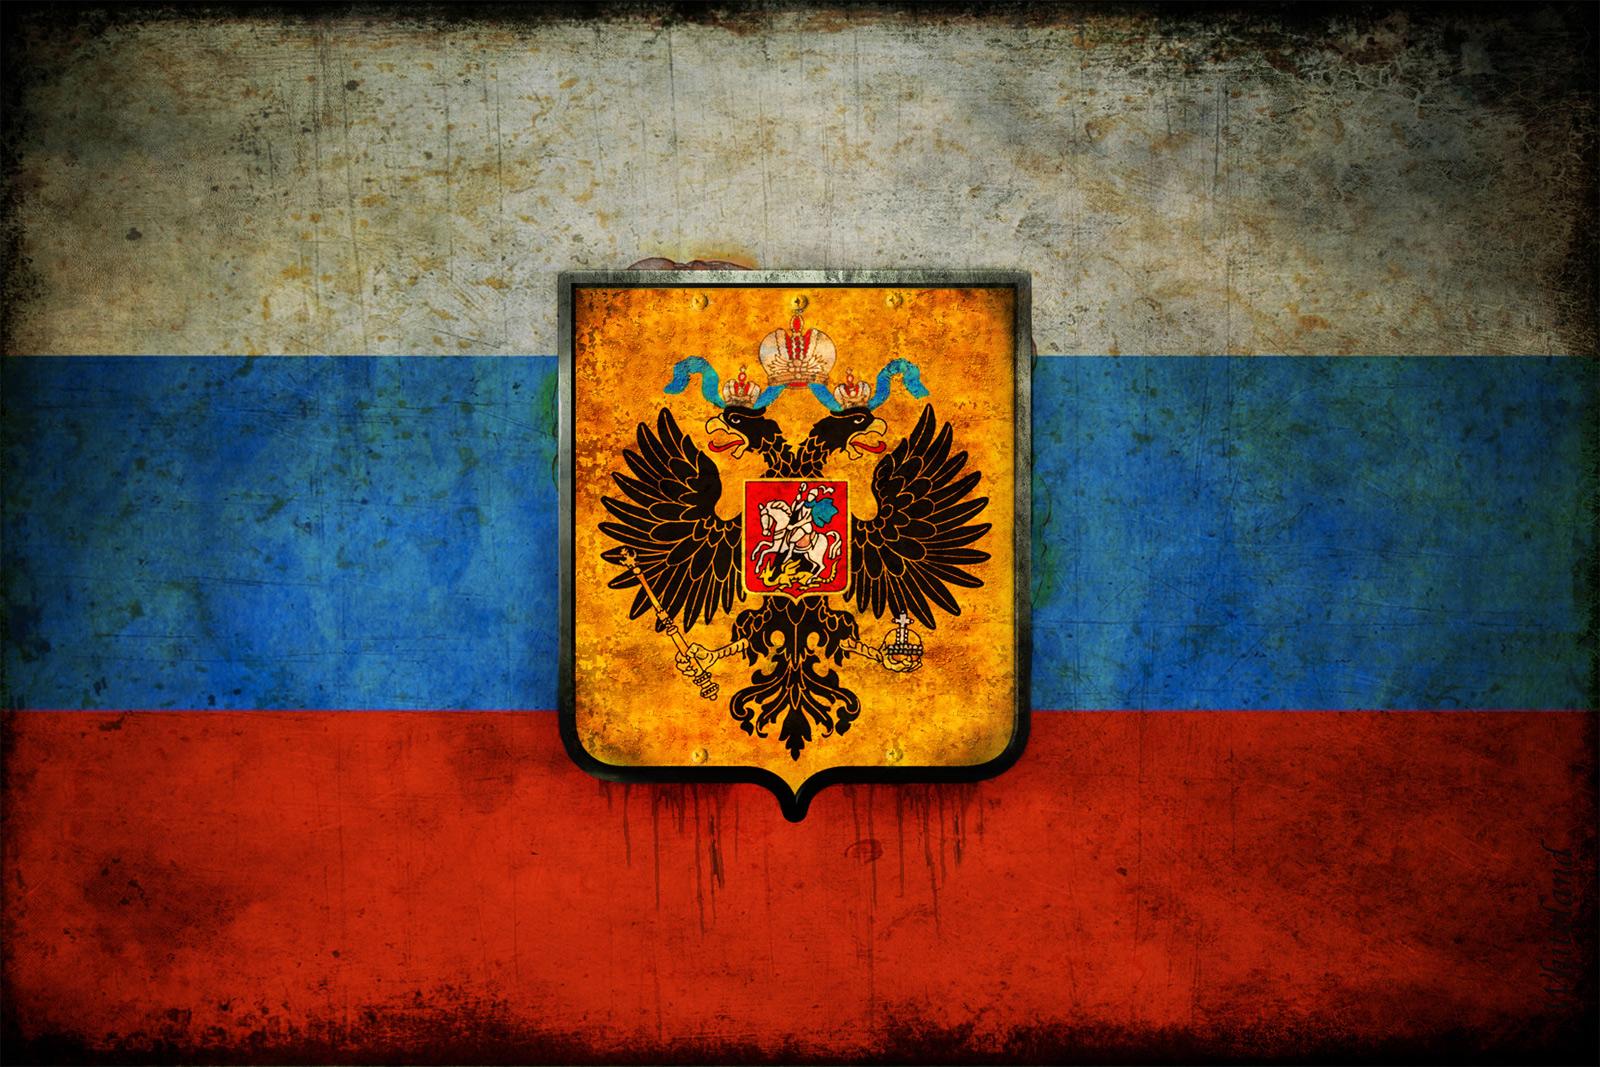 Nỗi khiếp sợ nước Nga của phương Tây: Nhìn từ góc độ lịch sử